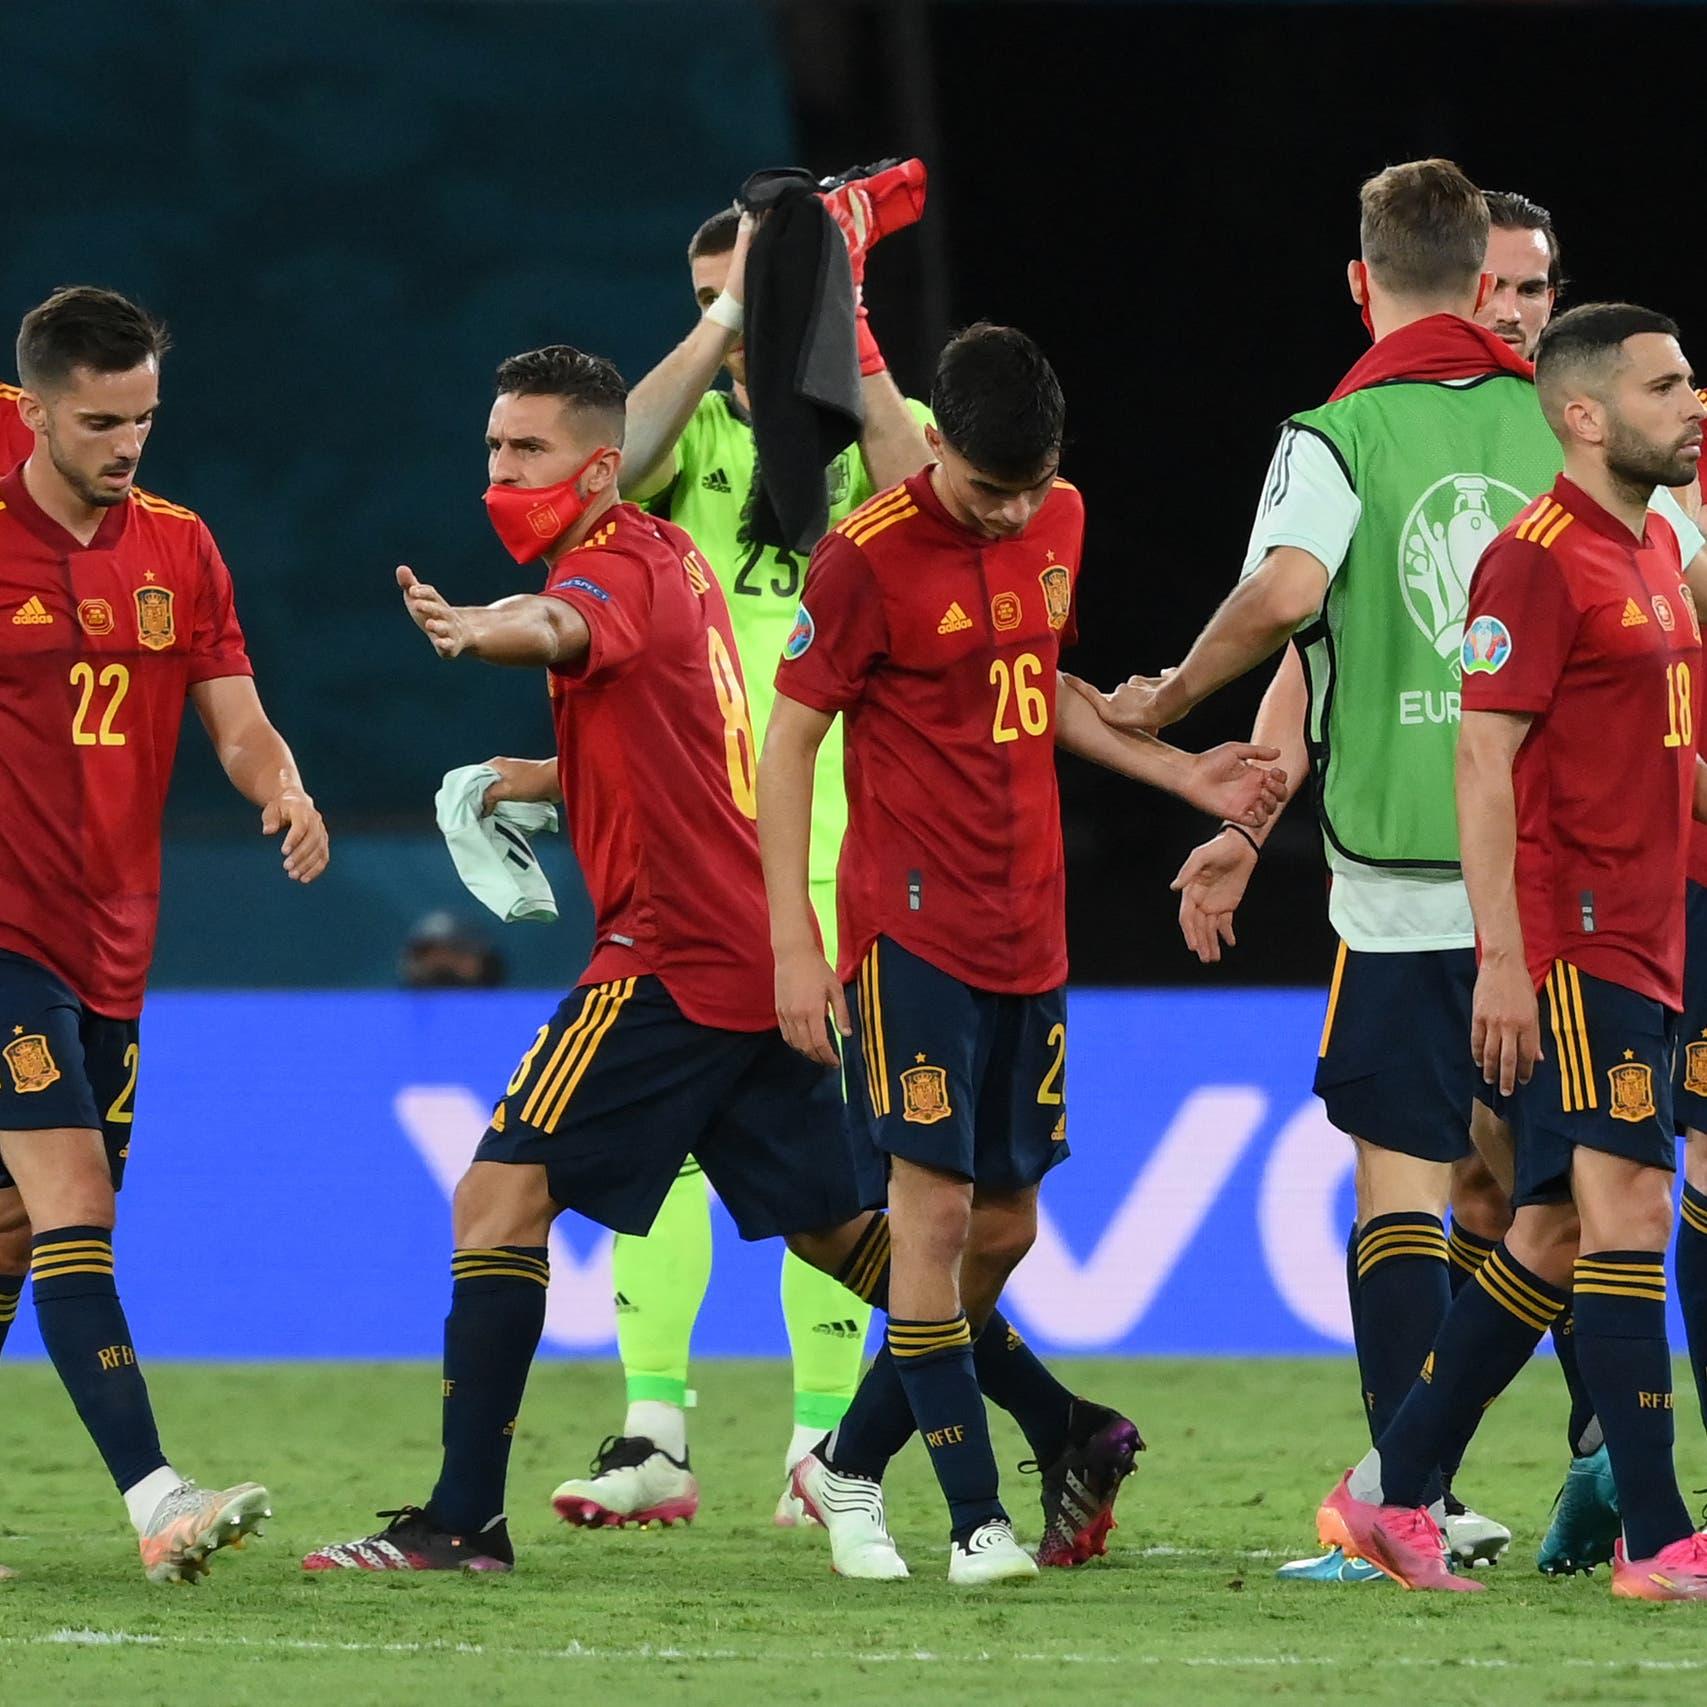 """فوضى """"كورونا"""" في إسبانيا تنتقل إلى داخل الملعب"""